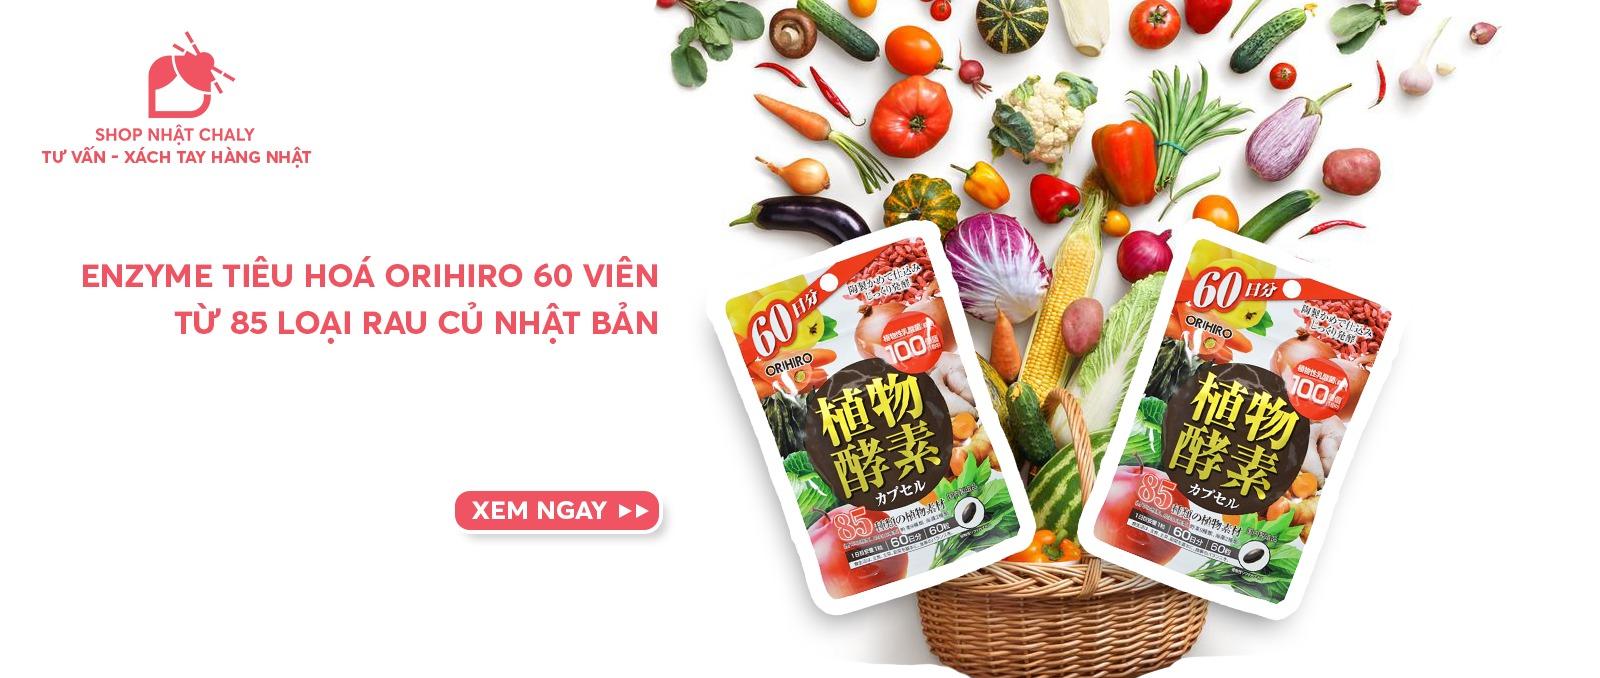 Enzyme thực vật Orihiro Nhật hỗ trợ tiêu hoá hàng mới 2017